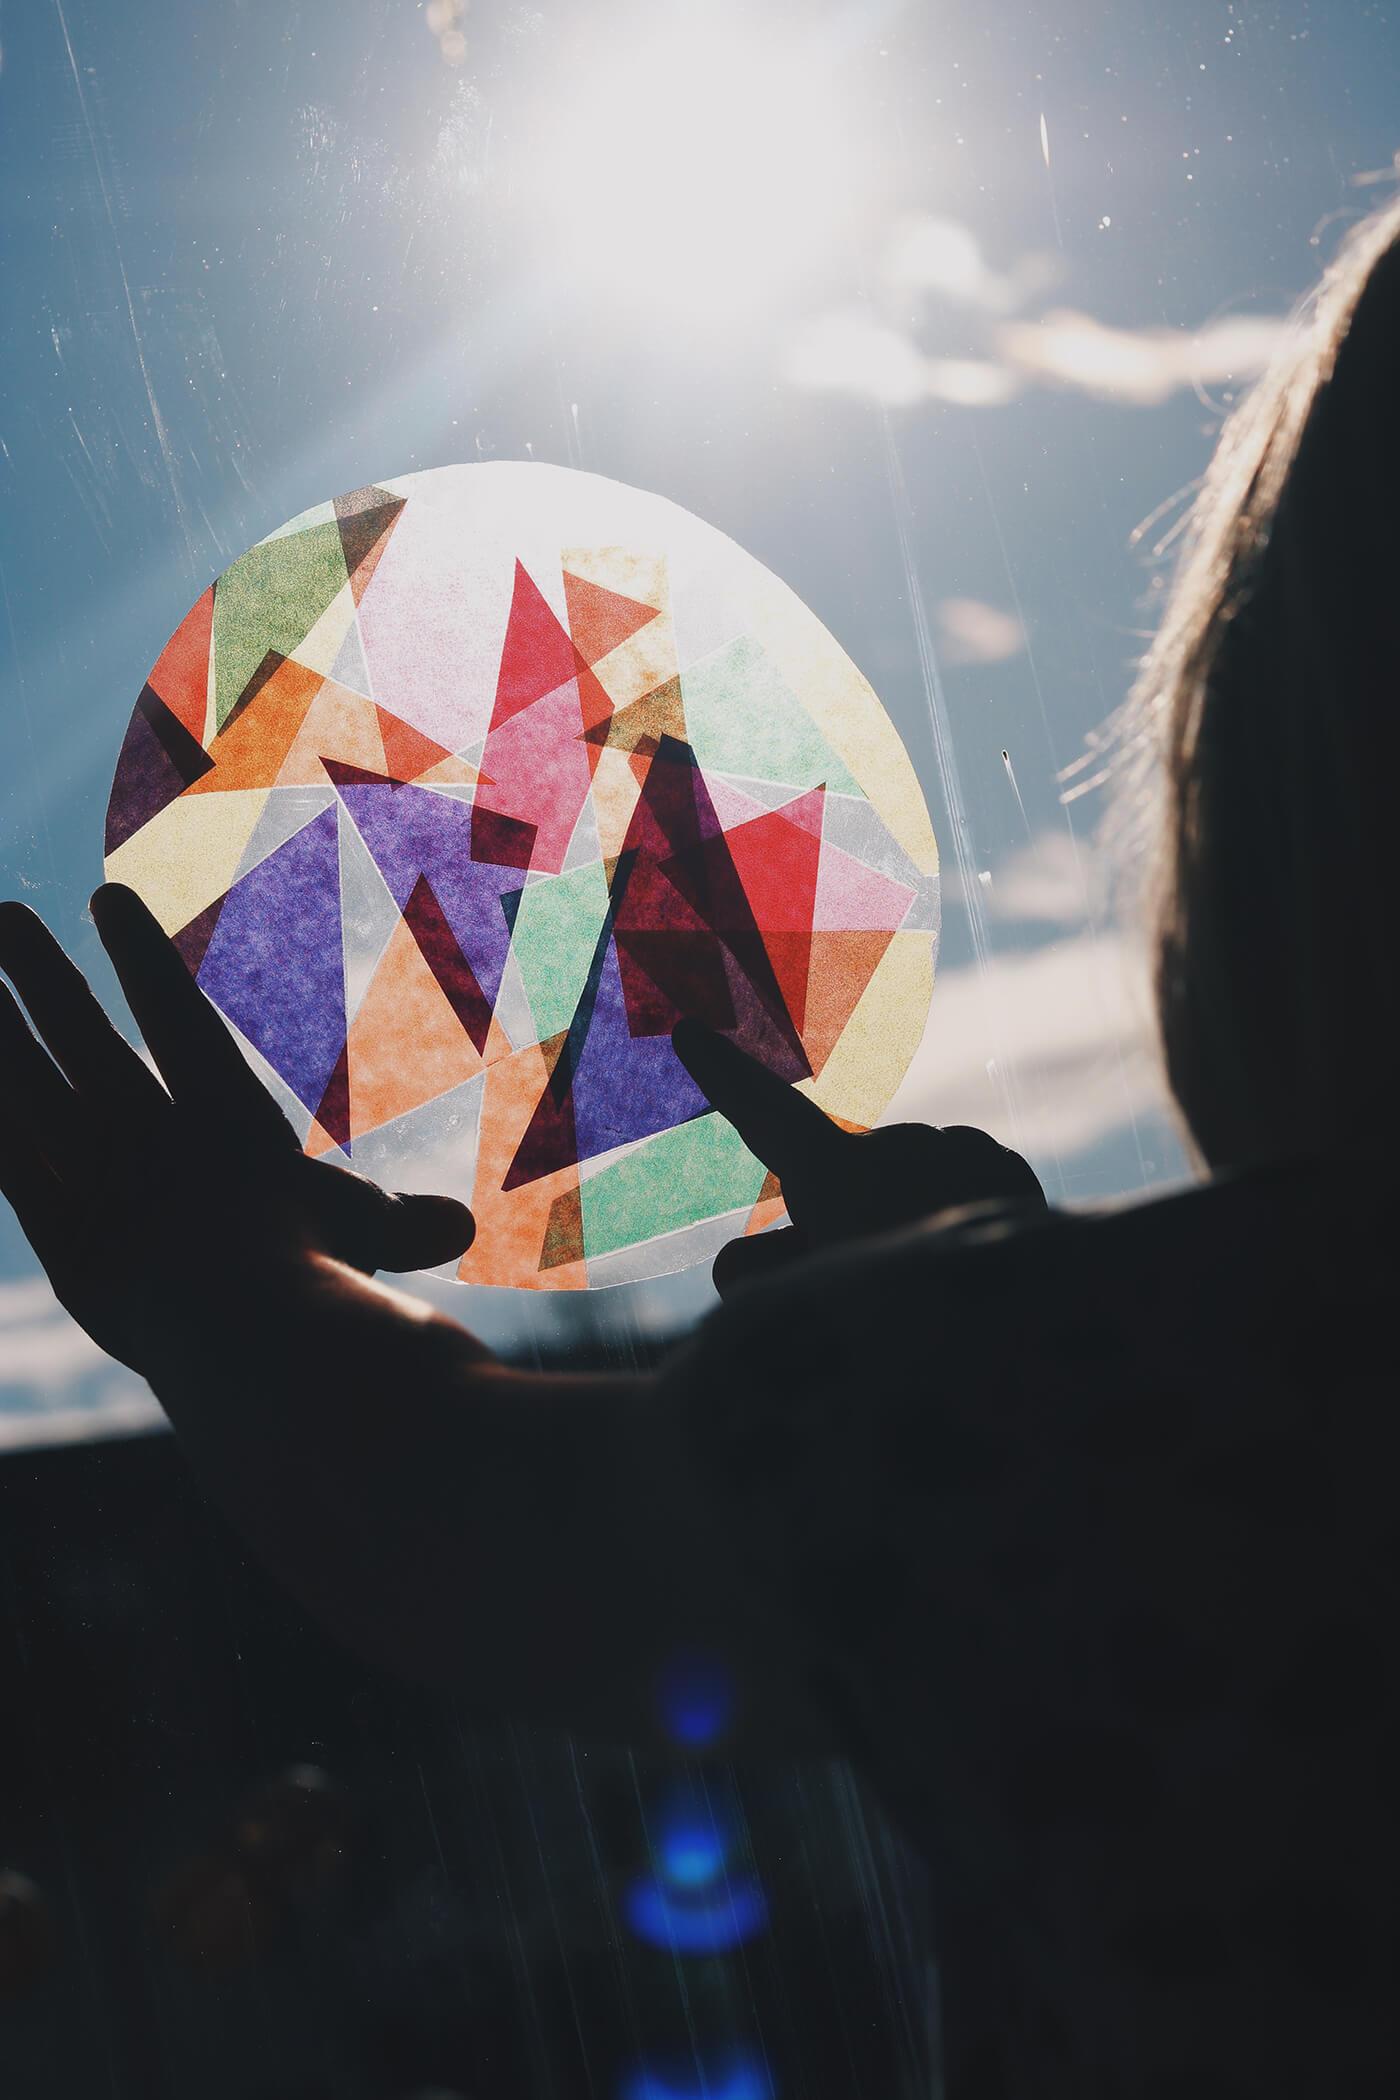 Diy Bunte Fensterbilder Aus Transparentpapier Einfach Laminiert